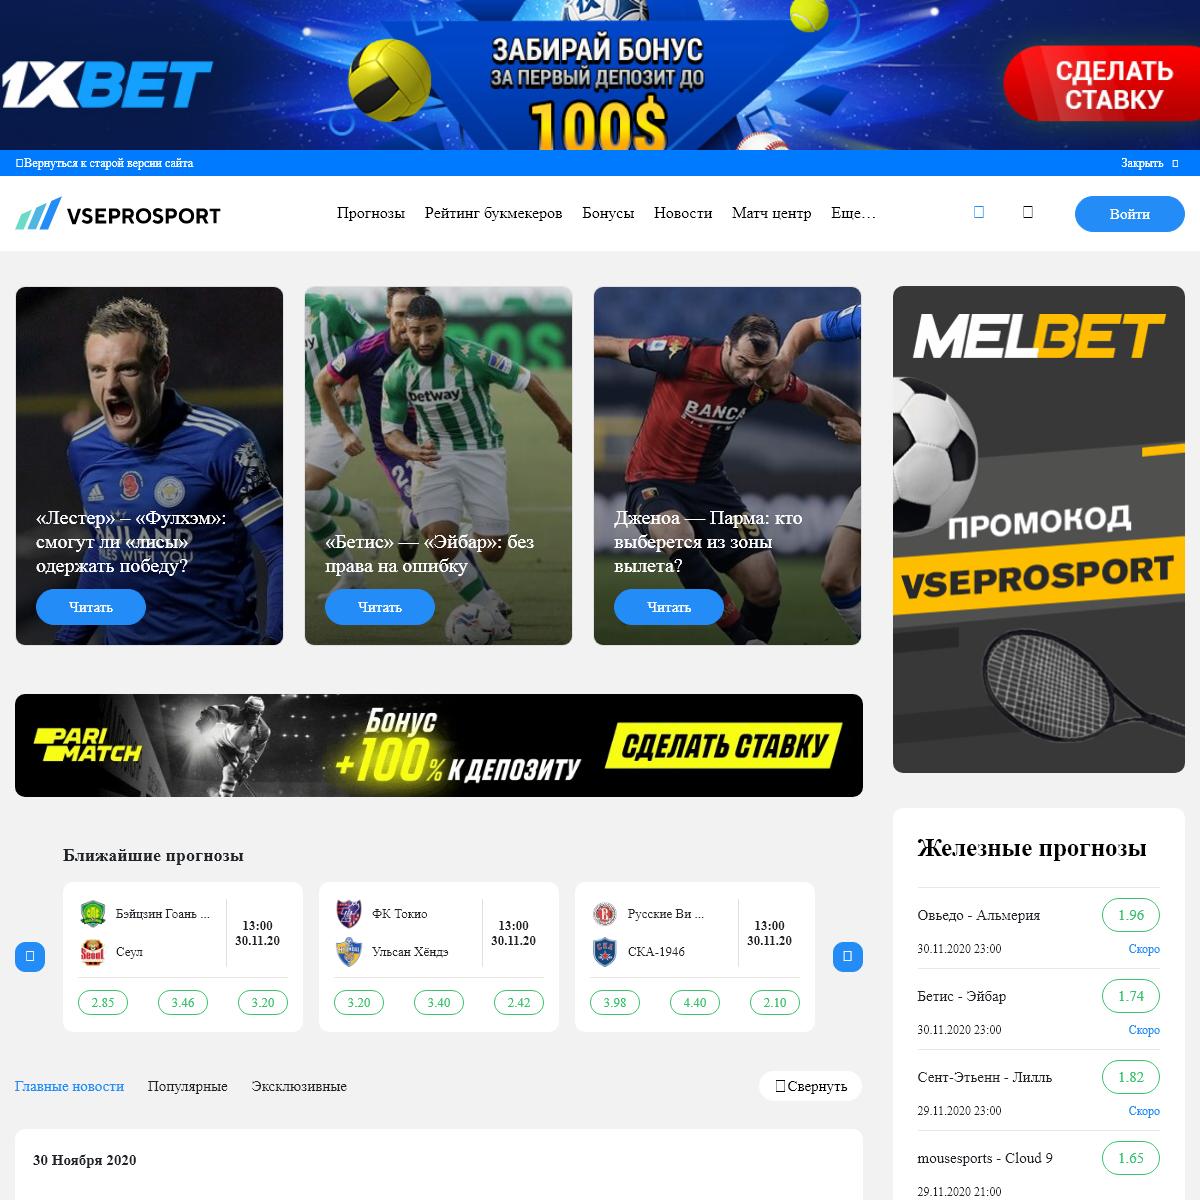 Прогнозы и ставки на спорт - ВсеПроСпорт.ру